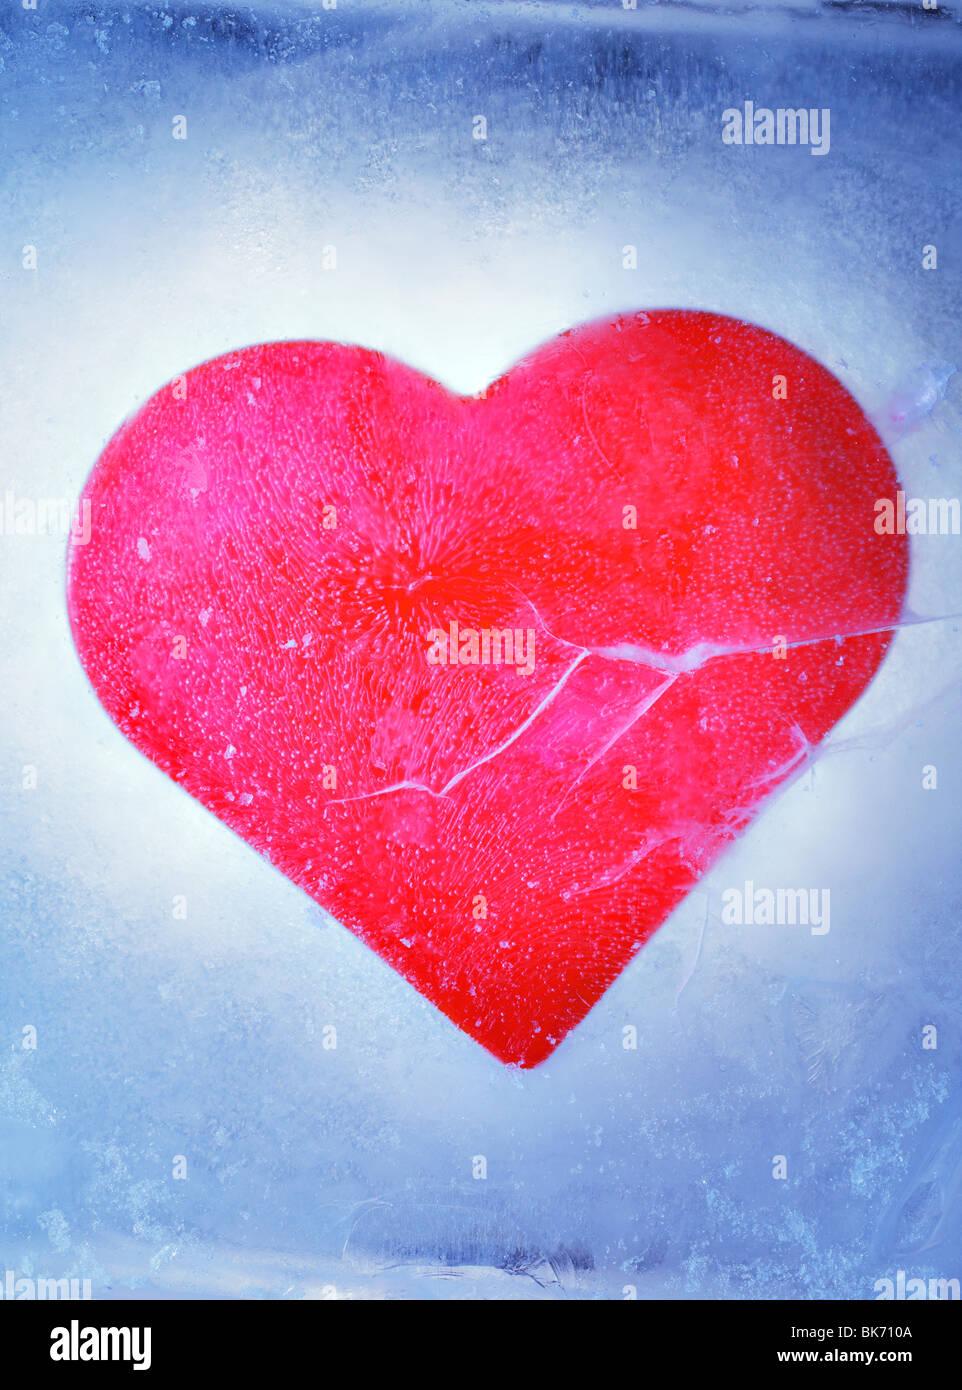 Un cœur rouge congelé dans un bloc de glace Photo Stock